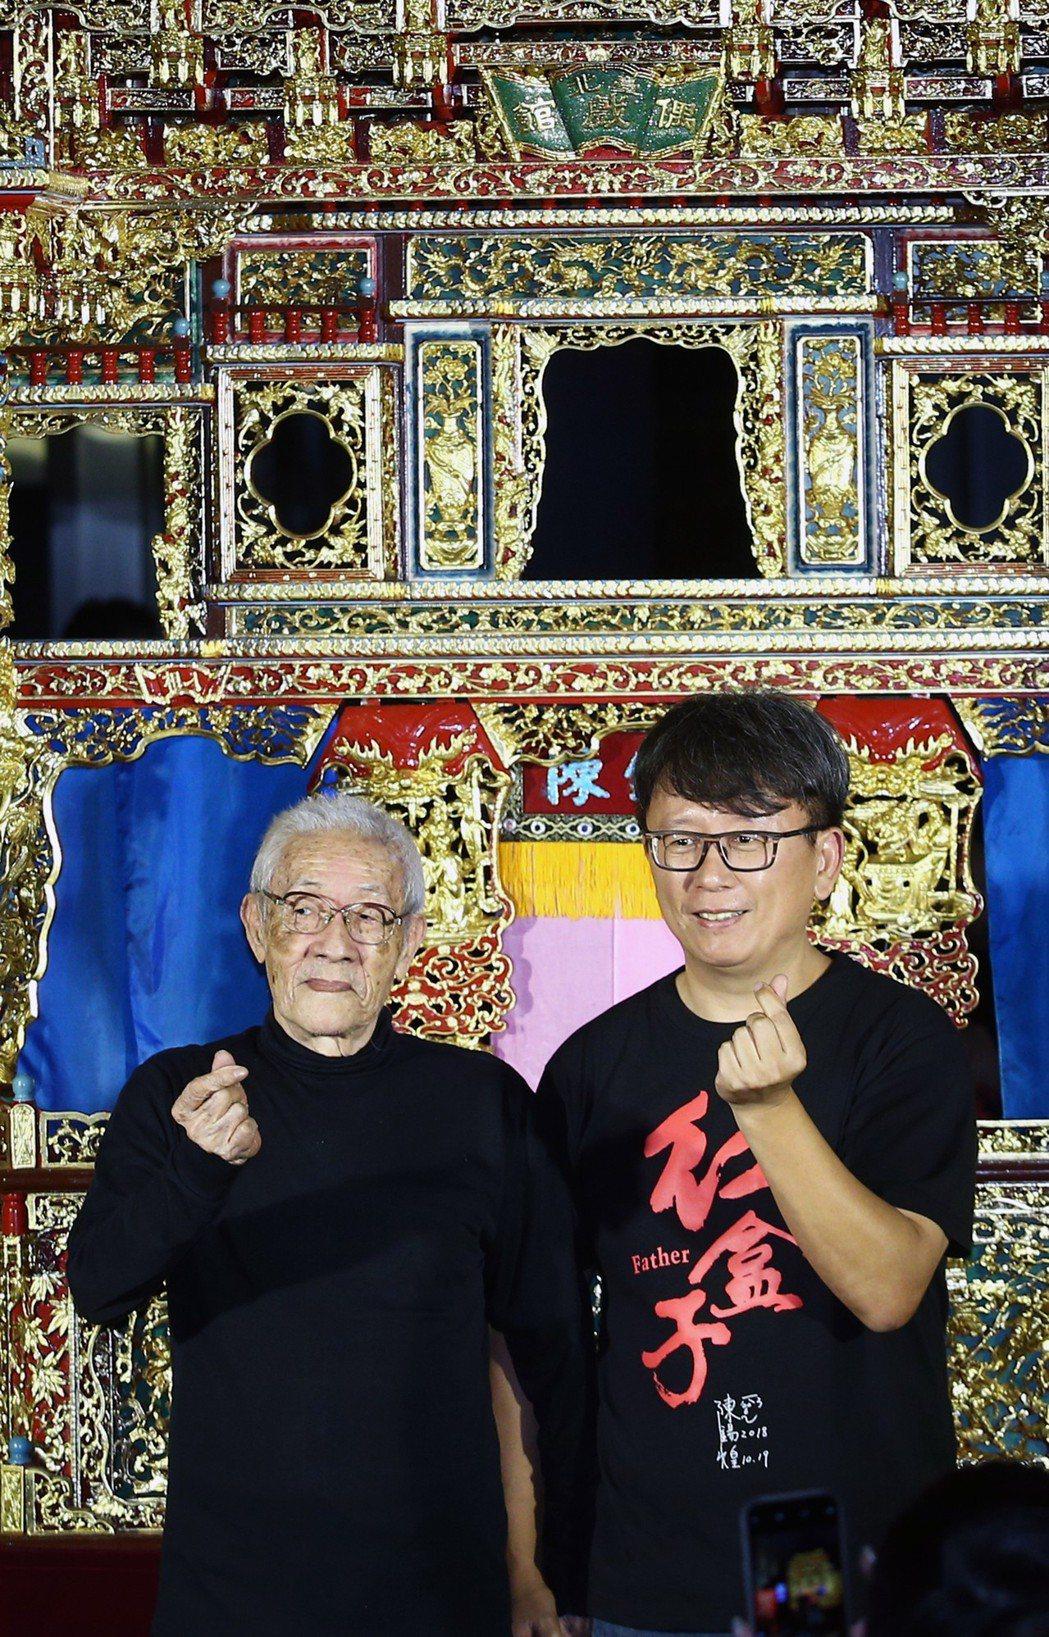 導演楊力州(右)與布袋戲大師陳錫煌(左)晚間一起出席新作《紅盒子》首映會,此紀錄